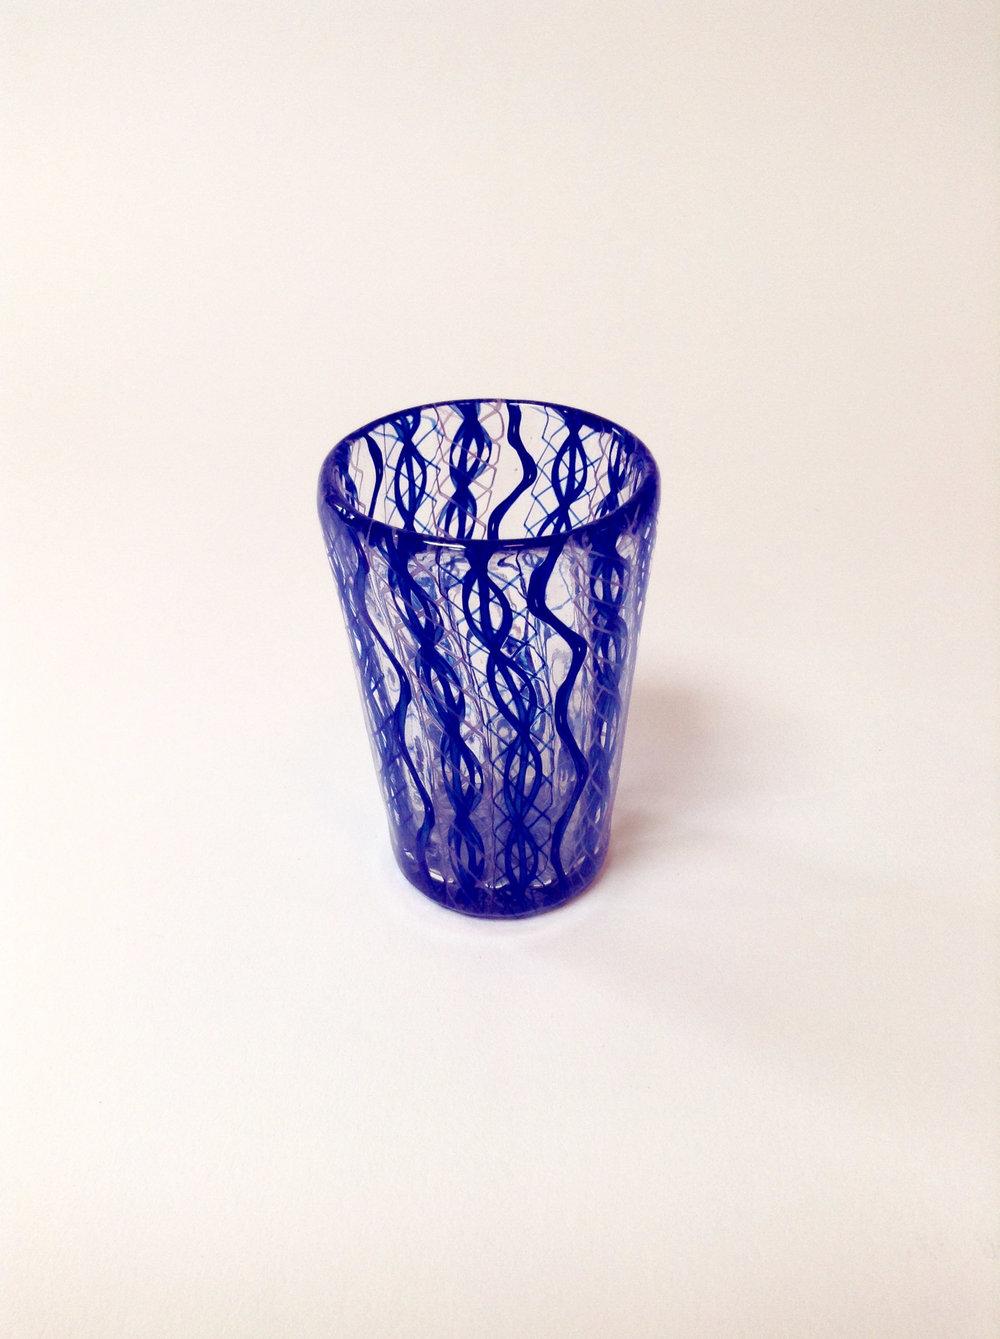 Olive-Glass_Italian-Art-Glass_Corrie-Haight_Lark-Dalton-20170325-6.jpg